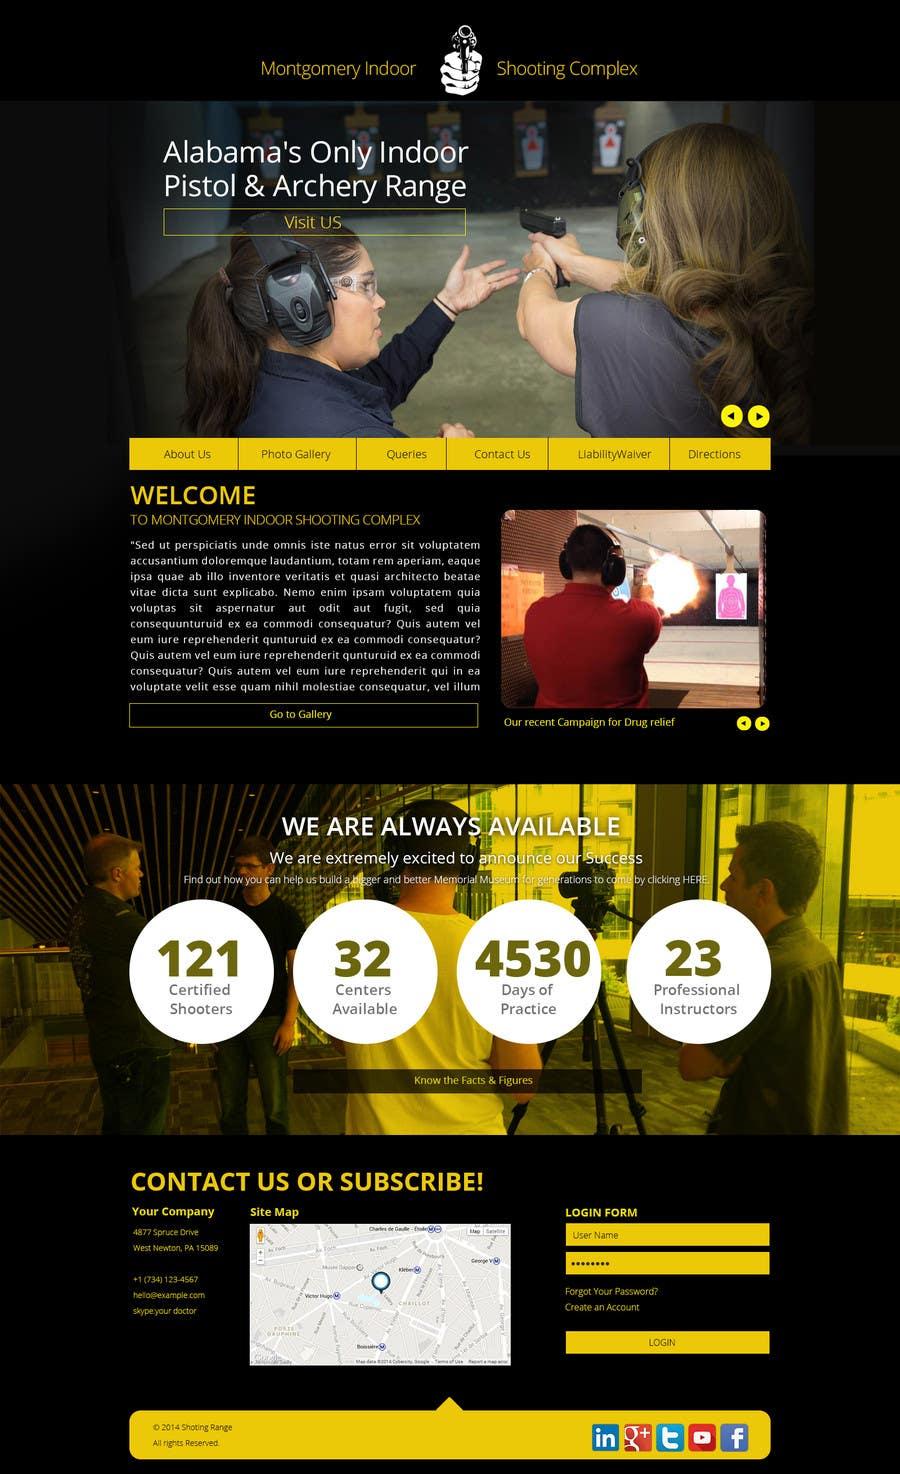 Penyertaan Peraduan #                                        16                                      untuk                                         Design a Website Mockup for Shooting Range